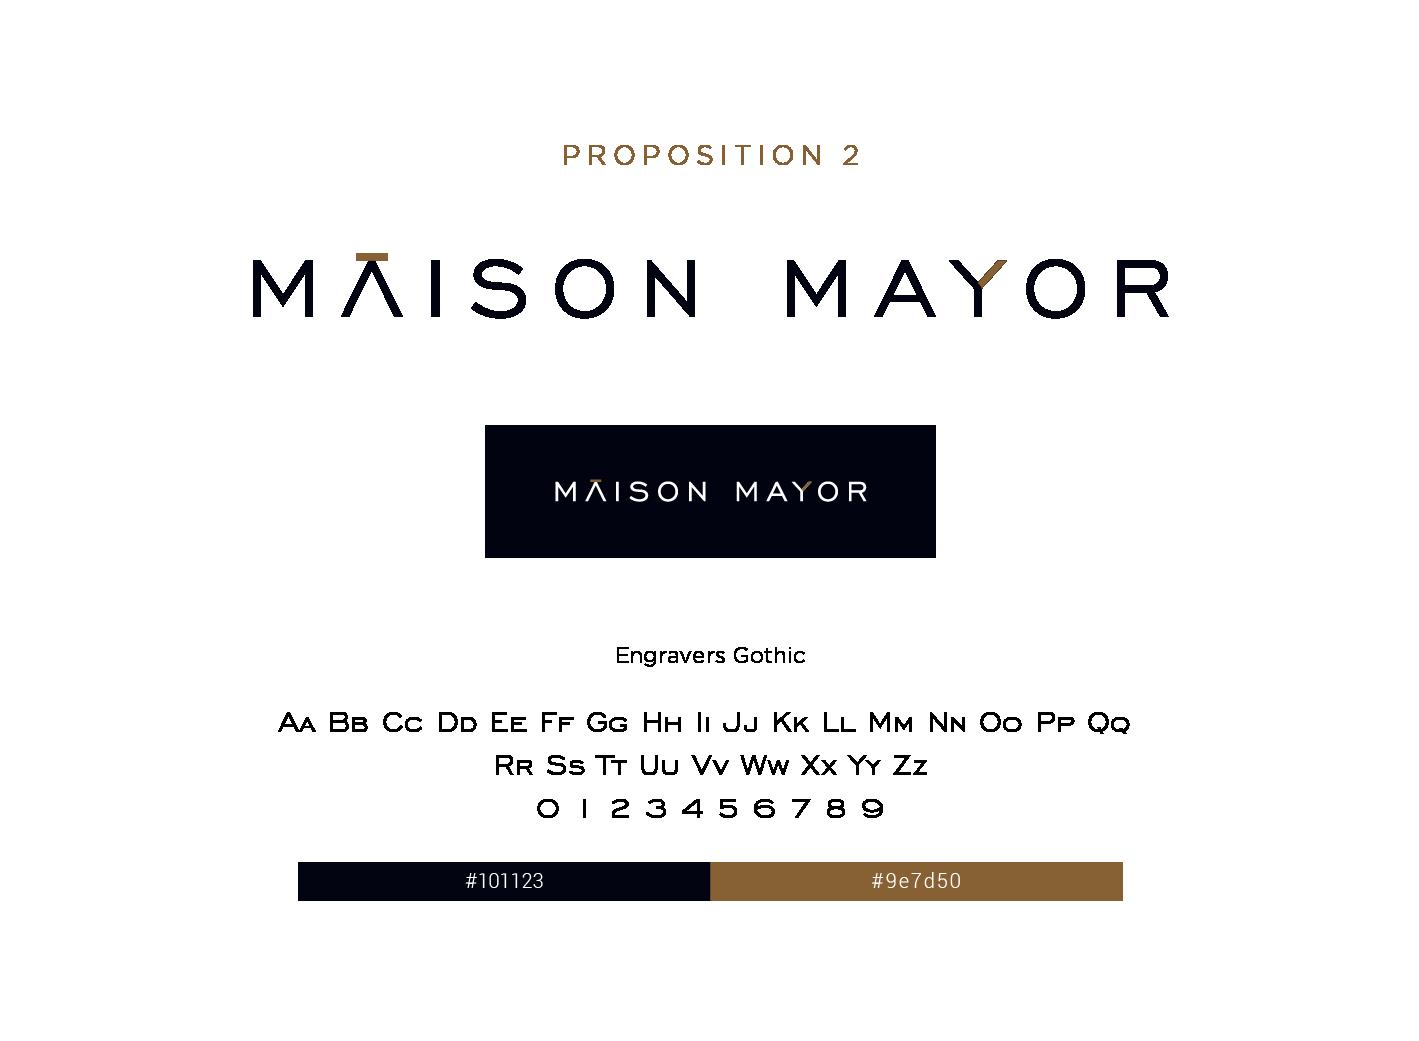 proposition 2 logo maison mayor